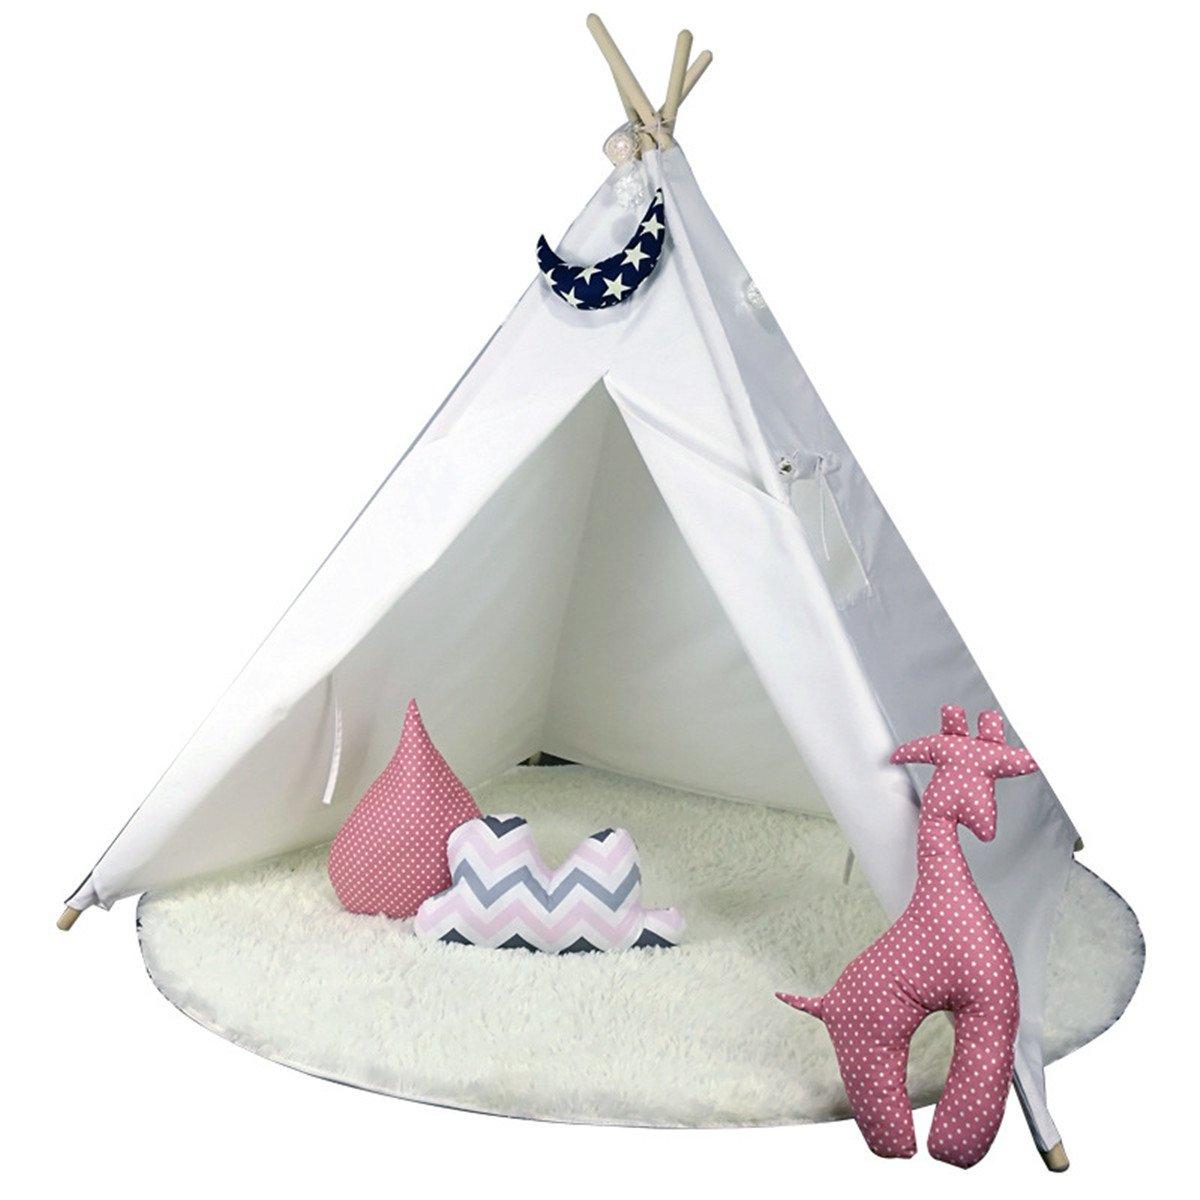 Rwy Indisches Innenzeltspielhaus-Zeltspielzeug 3 Jahre Alte Babyprinzessinraum,Weiß